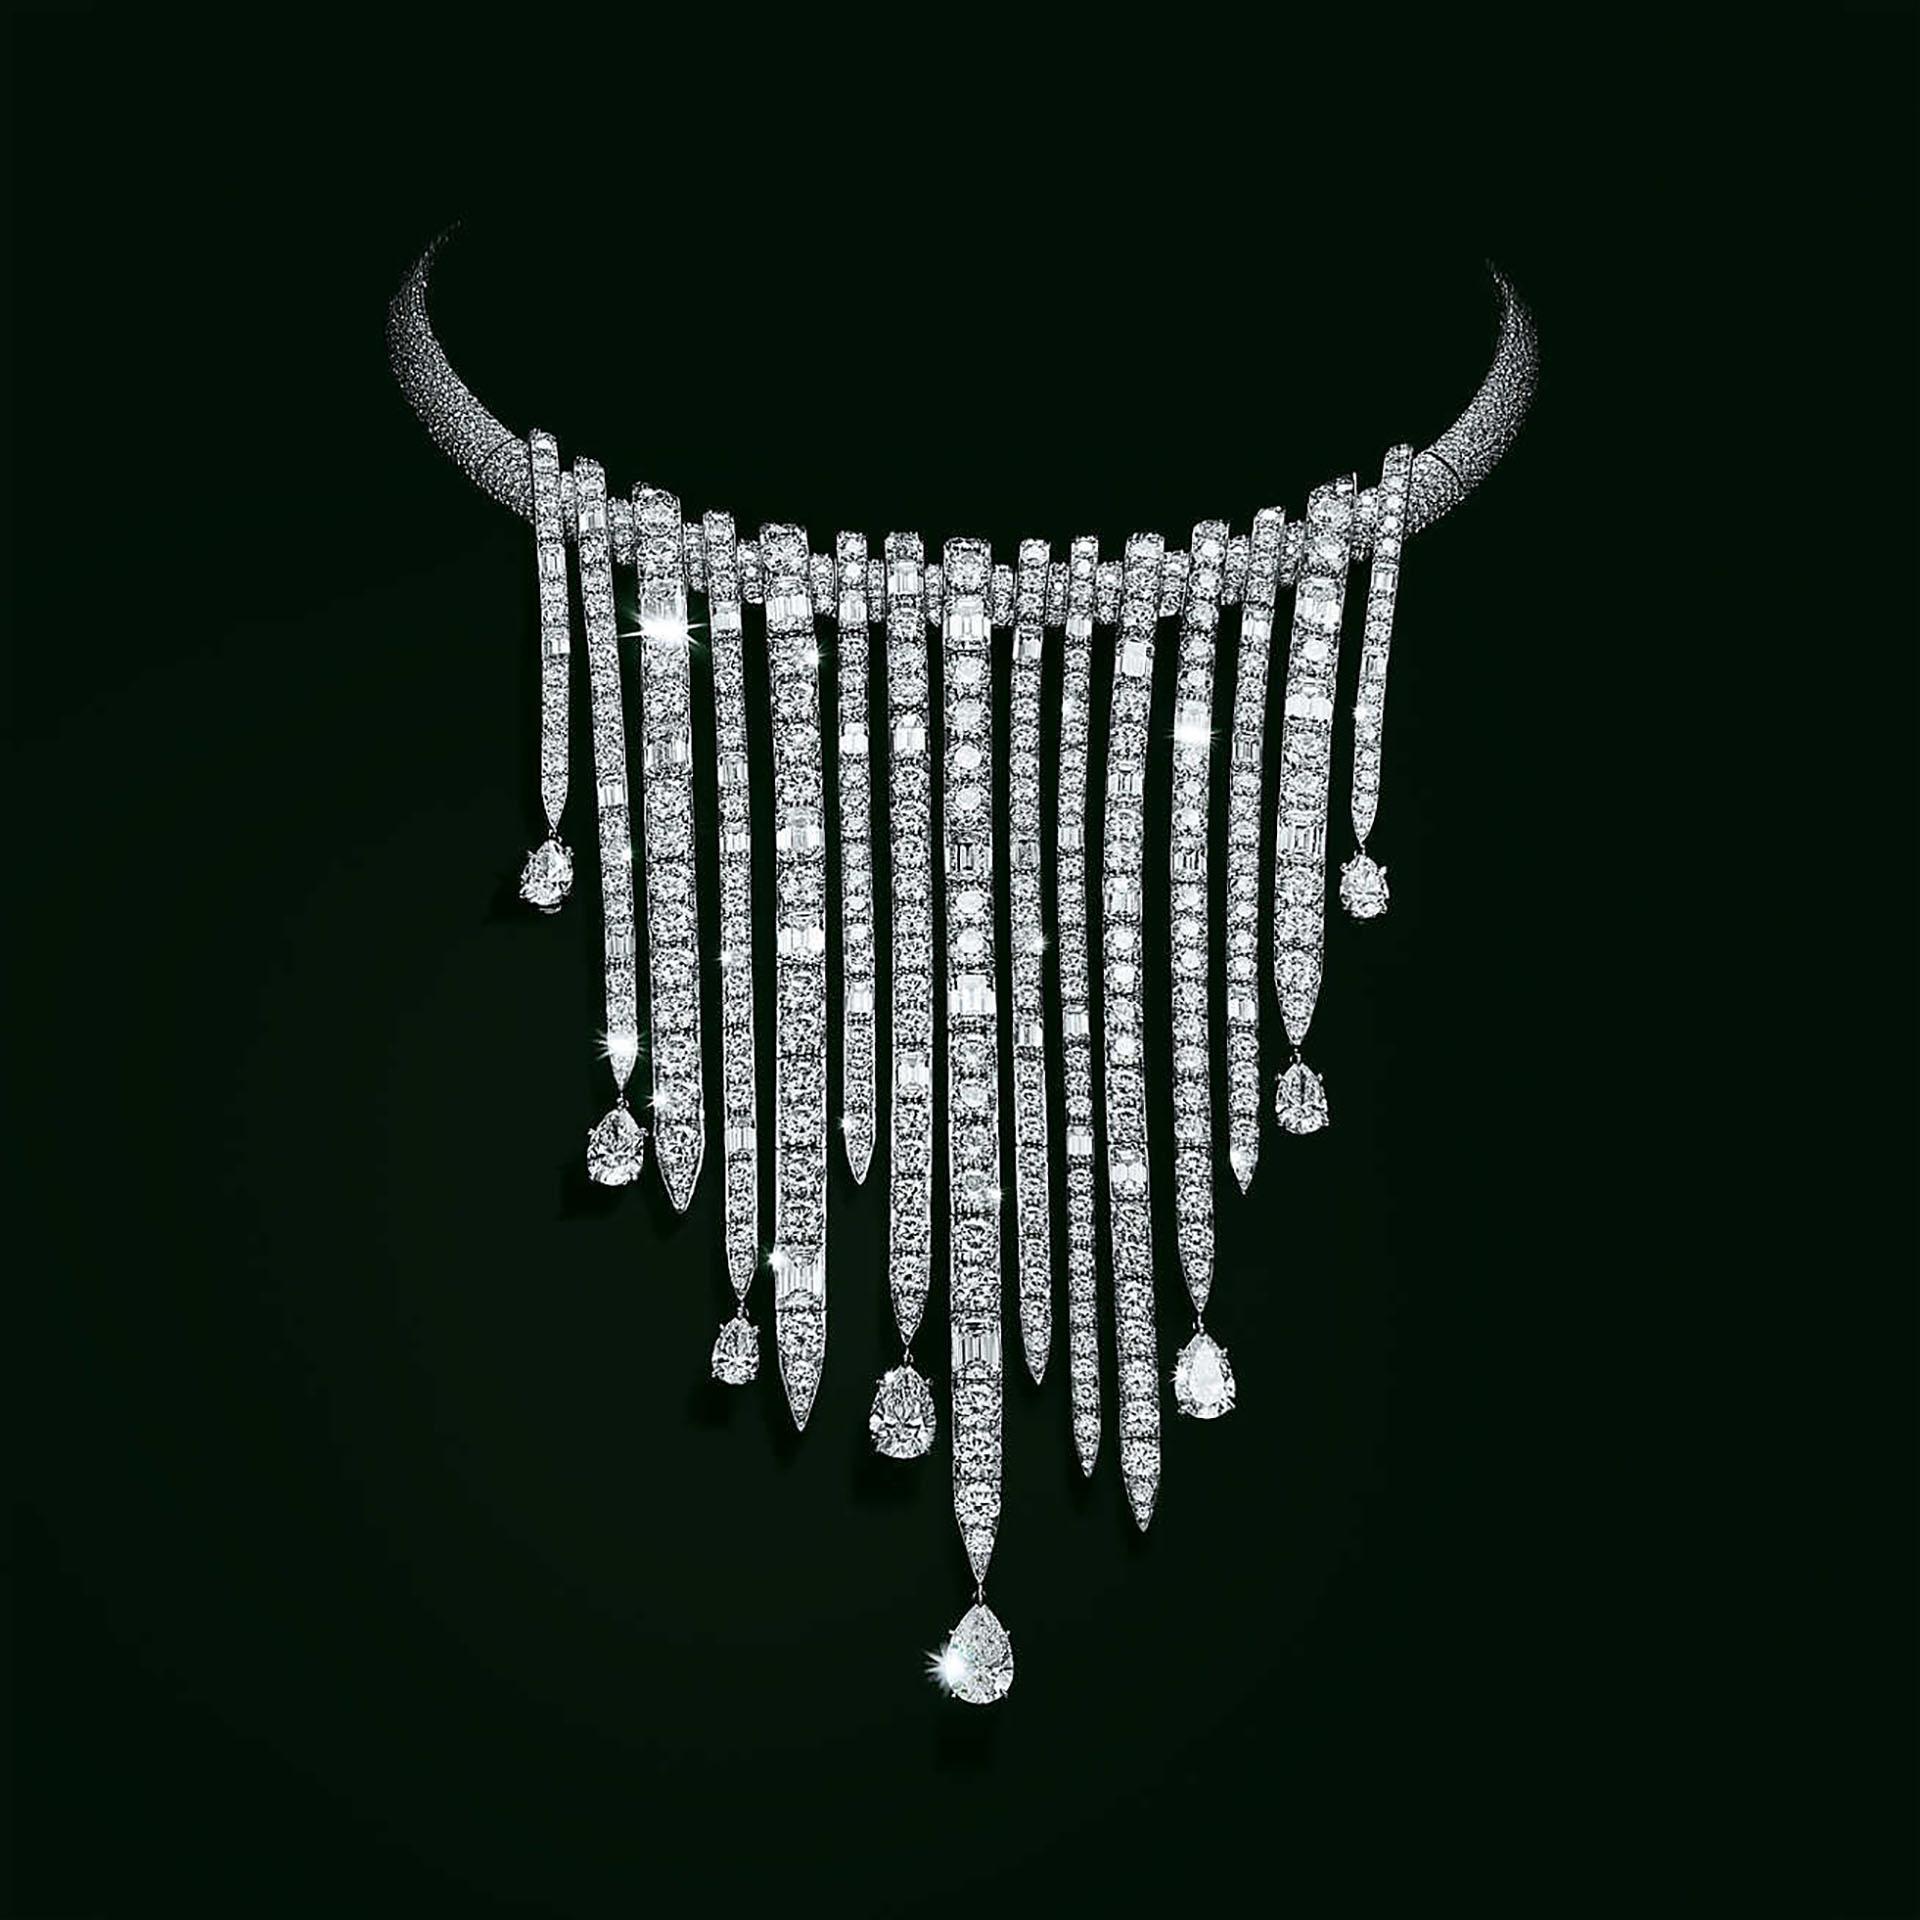 Su precio es tan costoso que prefieren que vayas a la tienda para consultarlo. Más de 3.000 diamantes mixtos creanuna pieza de más de 100 quilates. Es una joya de diamantes brillantes redondos en formas de peras y con corte de esmeraldas en un diseño con platinos (Tiffany & Co.)